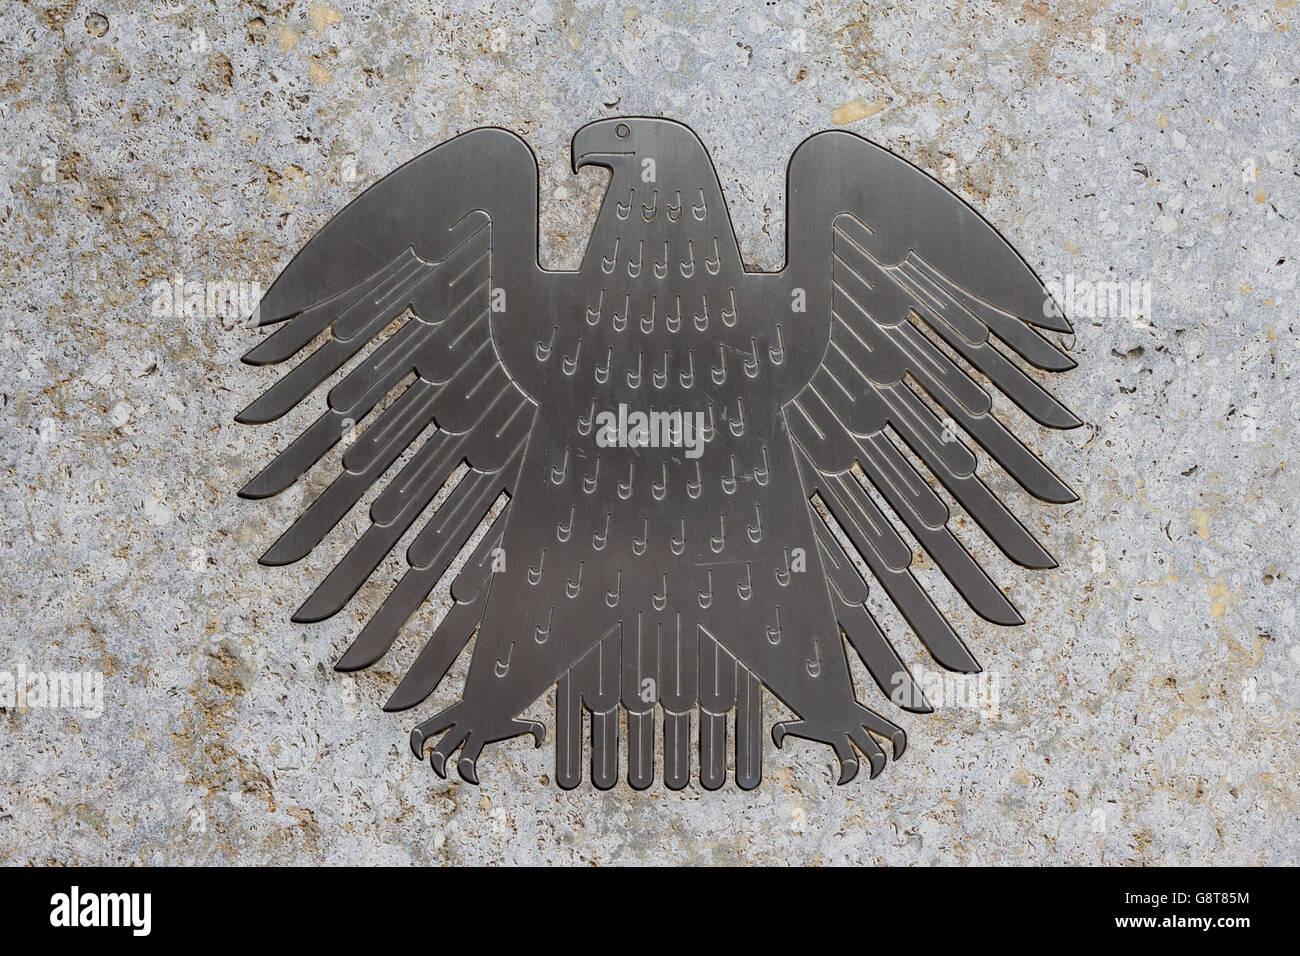 The german eagle (Bundesadler), the logo of the German Bundestag at the Bundestag building. - Stock Image